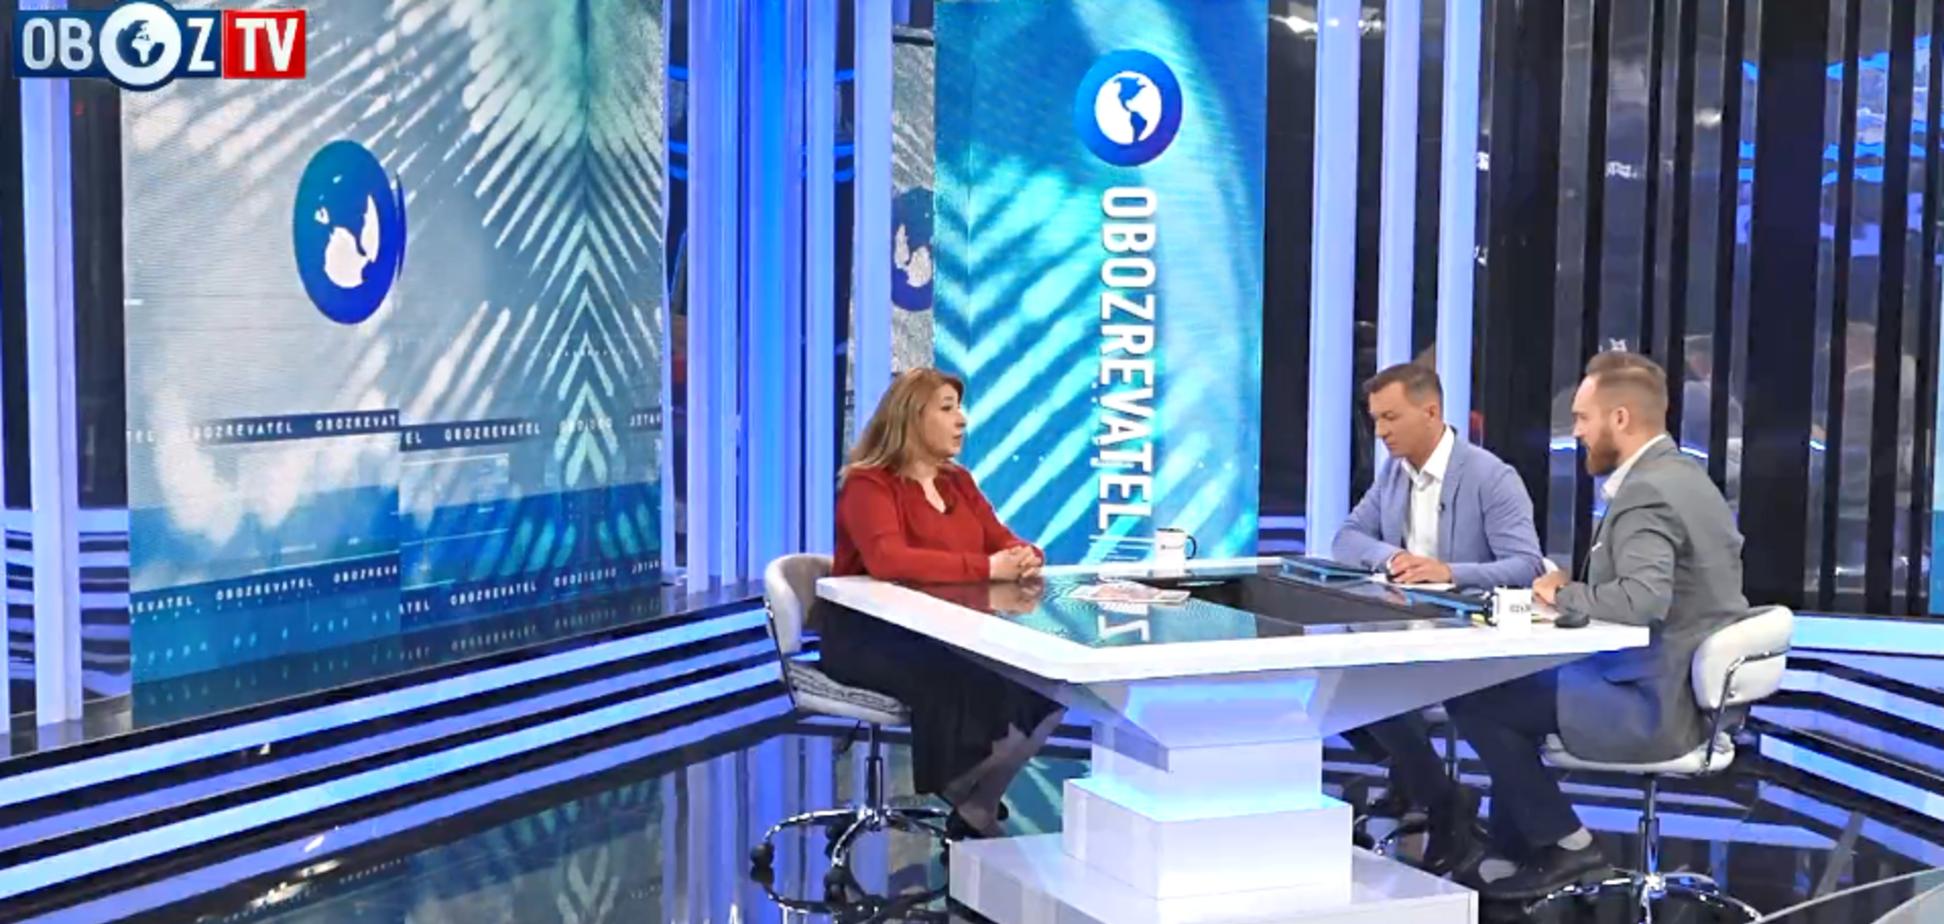 Обмін полоненими: журналістка сказала, яку пастку Путін приготував Україні